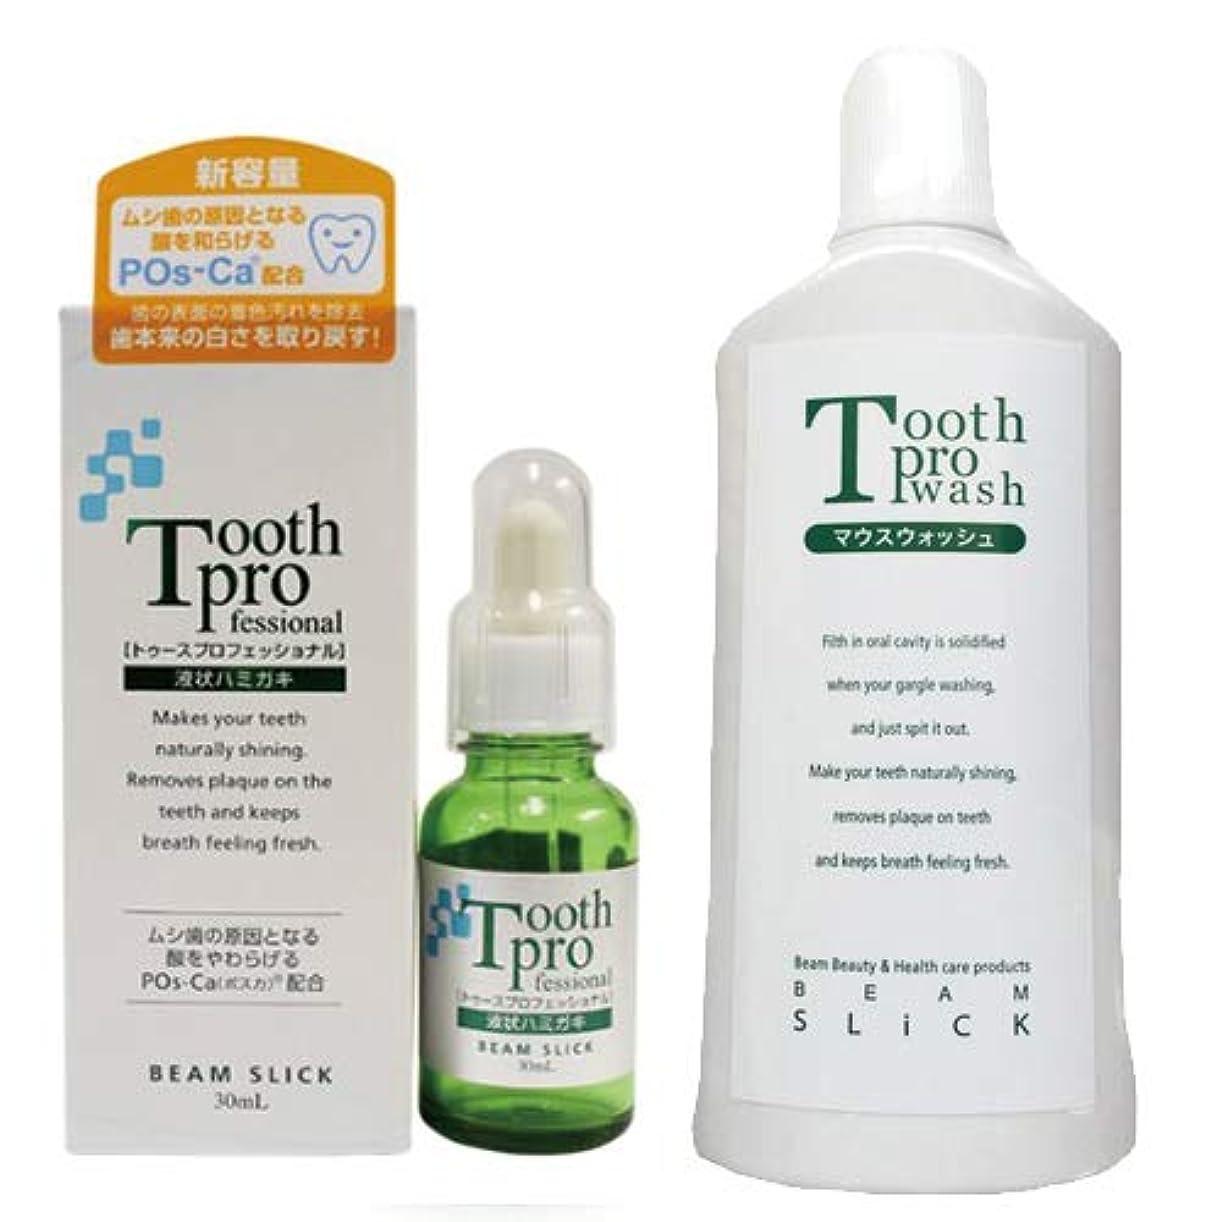 確執否定する酸っぱいトゥースプロウォッシュ(Tooth Pro wash)500mL + トゥースプロフェッショナル(tooth professional) 30mL セット